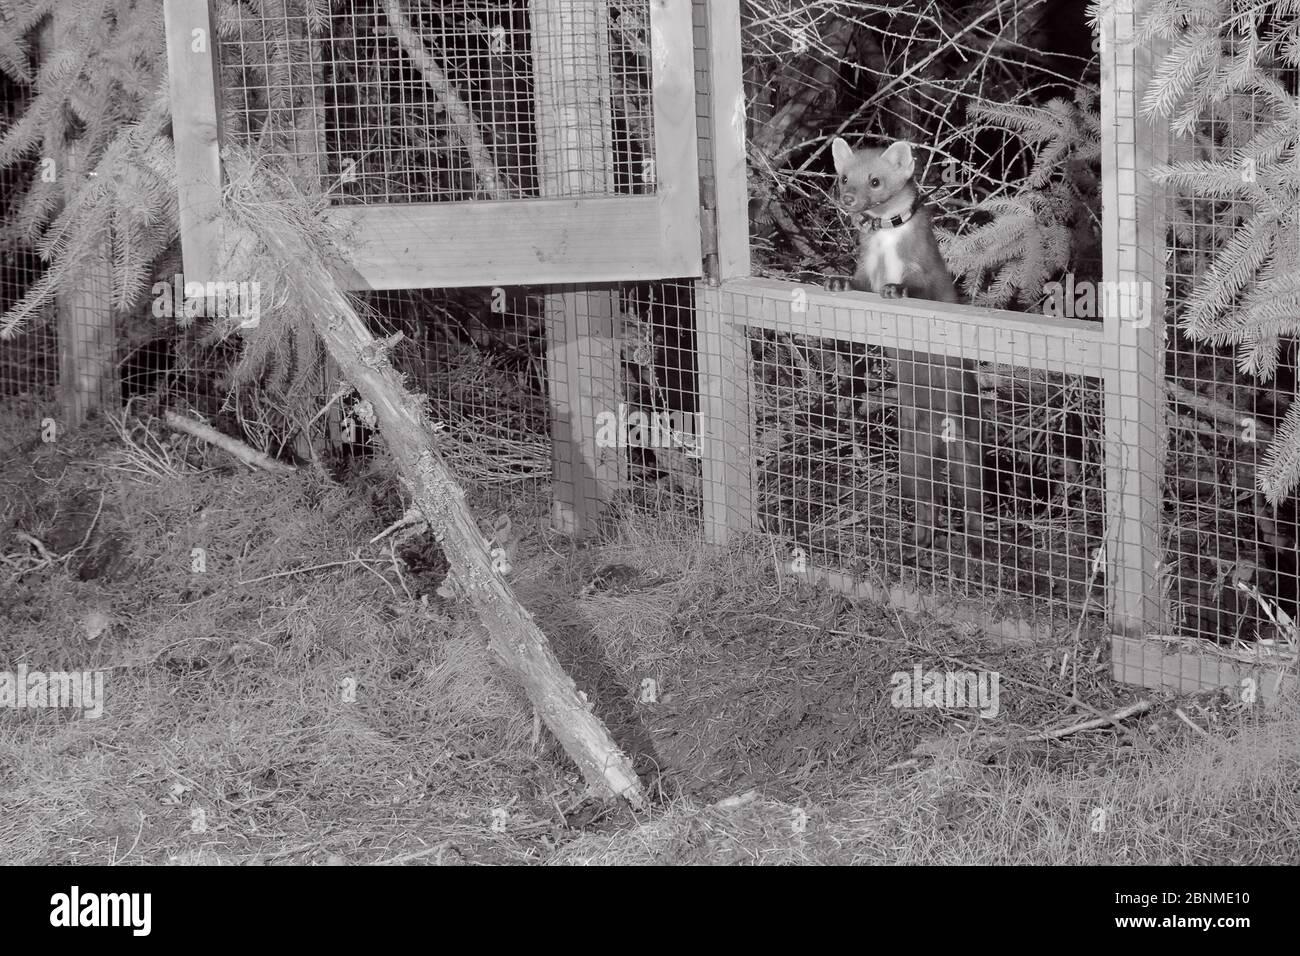 Marte de pin mâle à col radio (Martes martes) se préparant à sortir d'une cage temporaire de libération douce la nuit , pendant le projet de réintroduction par le Banque D'Images